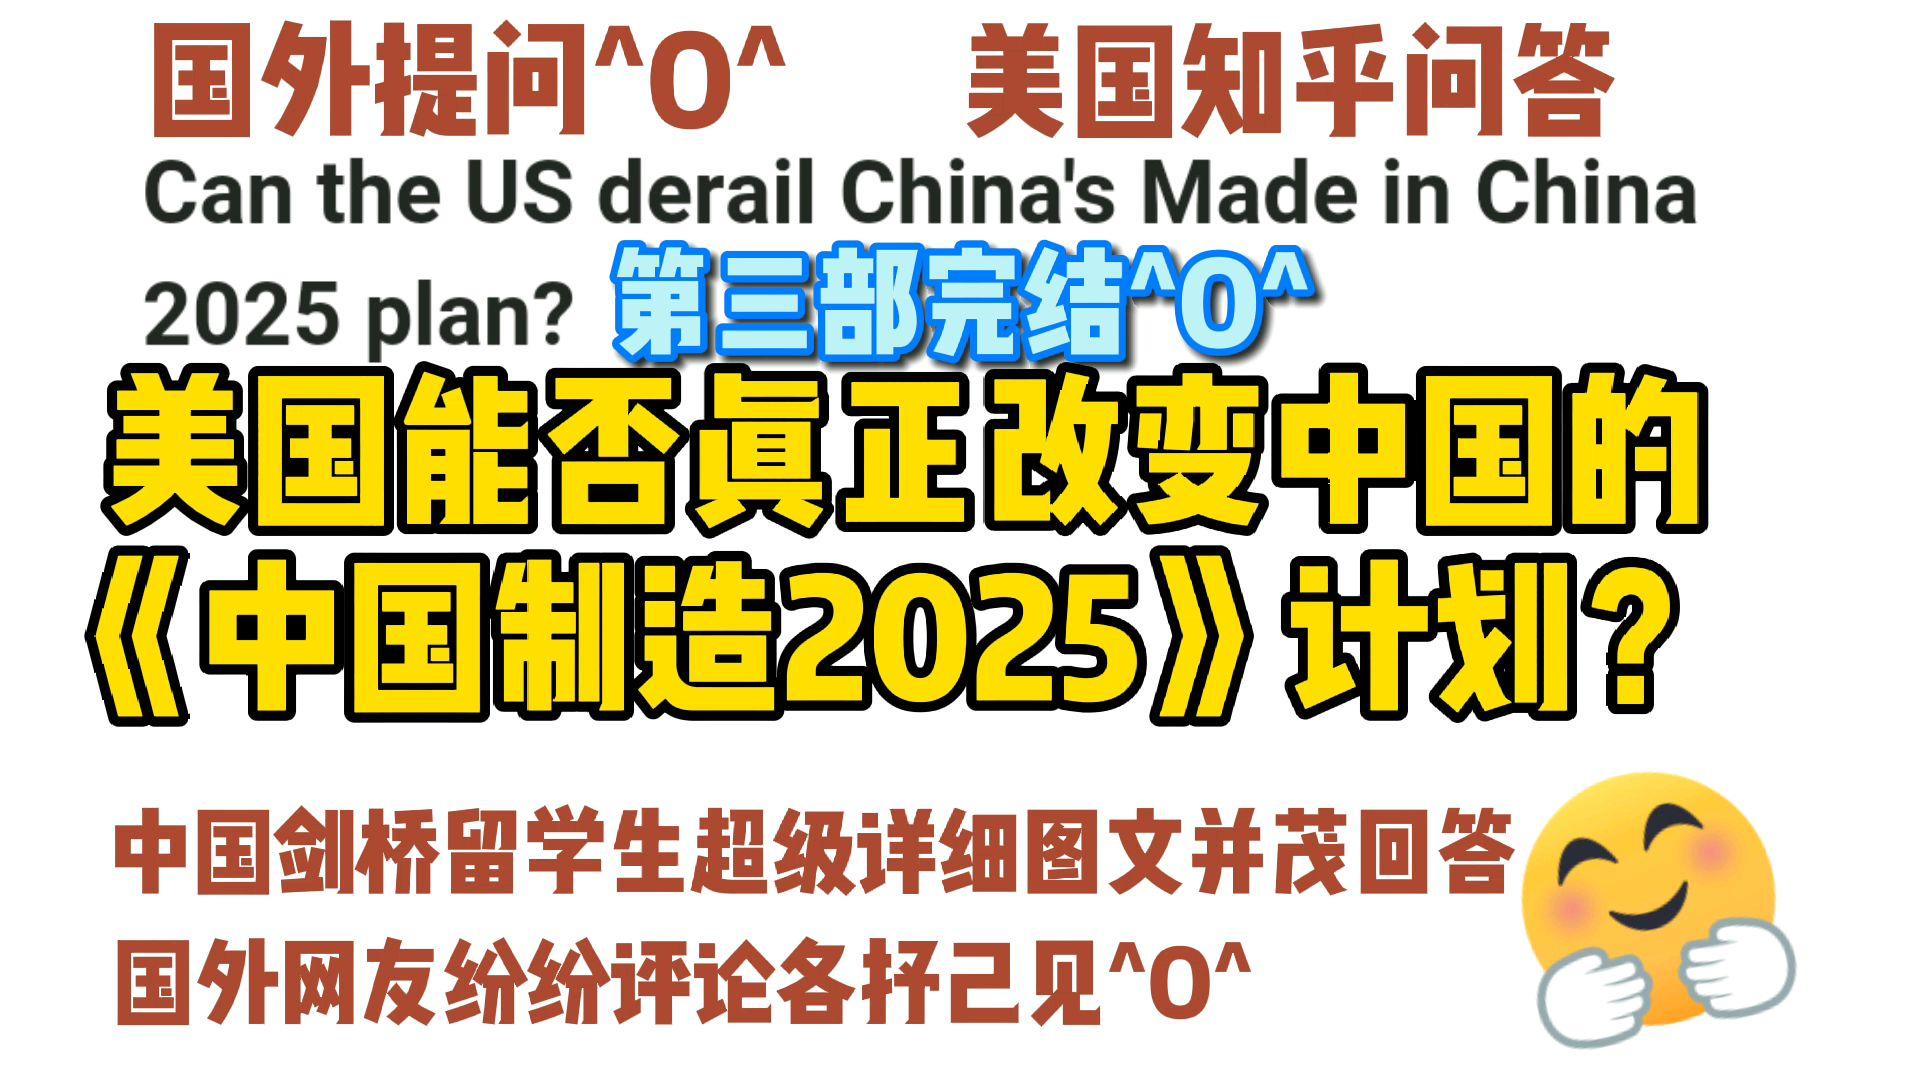 美国知乎,美国能否真正改变中国的《中国制造2025》计划?中国剑桥留学生超级详细图文并茂回答第三部